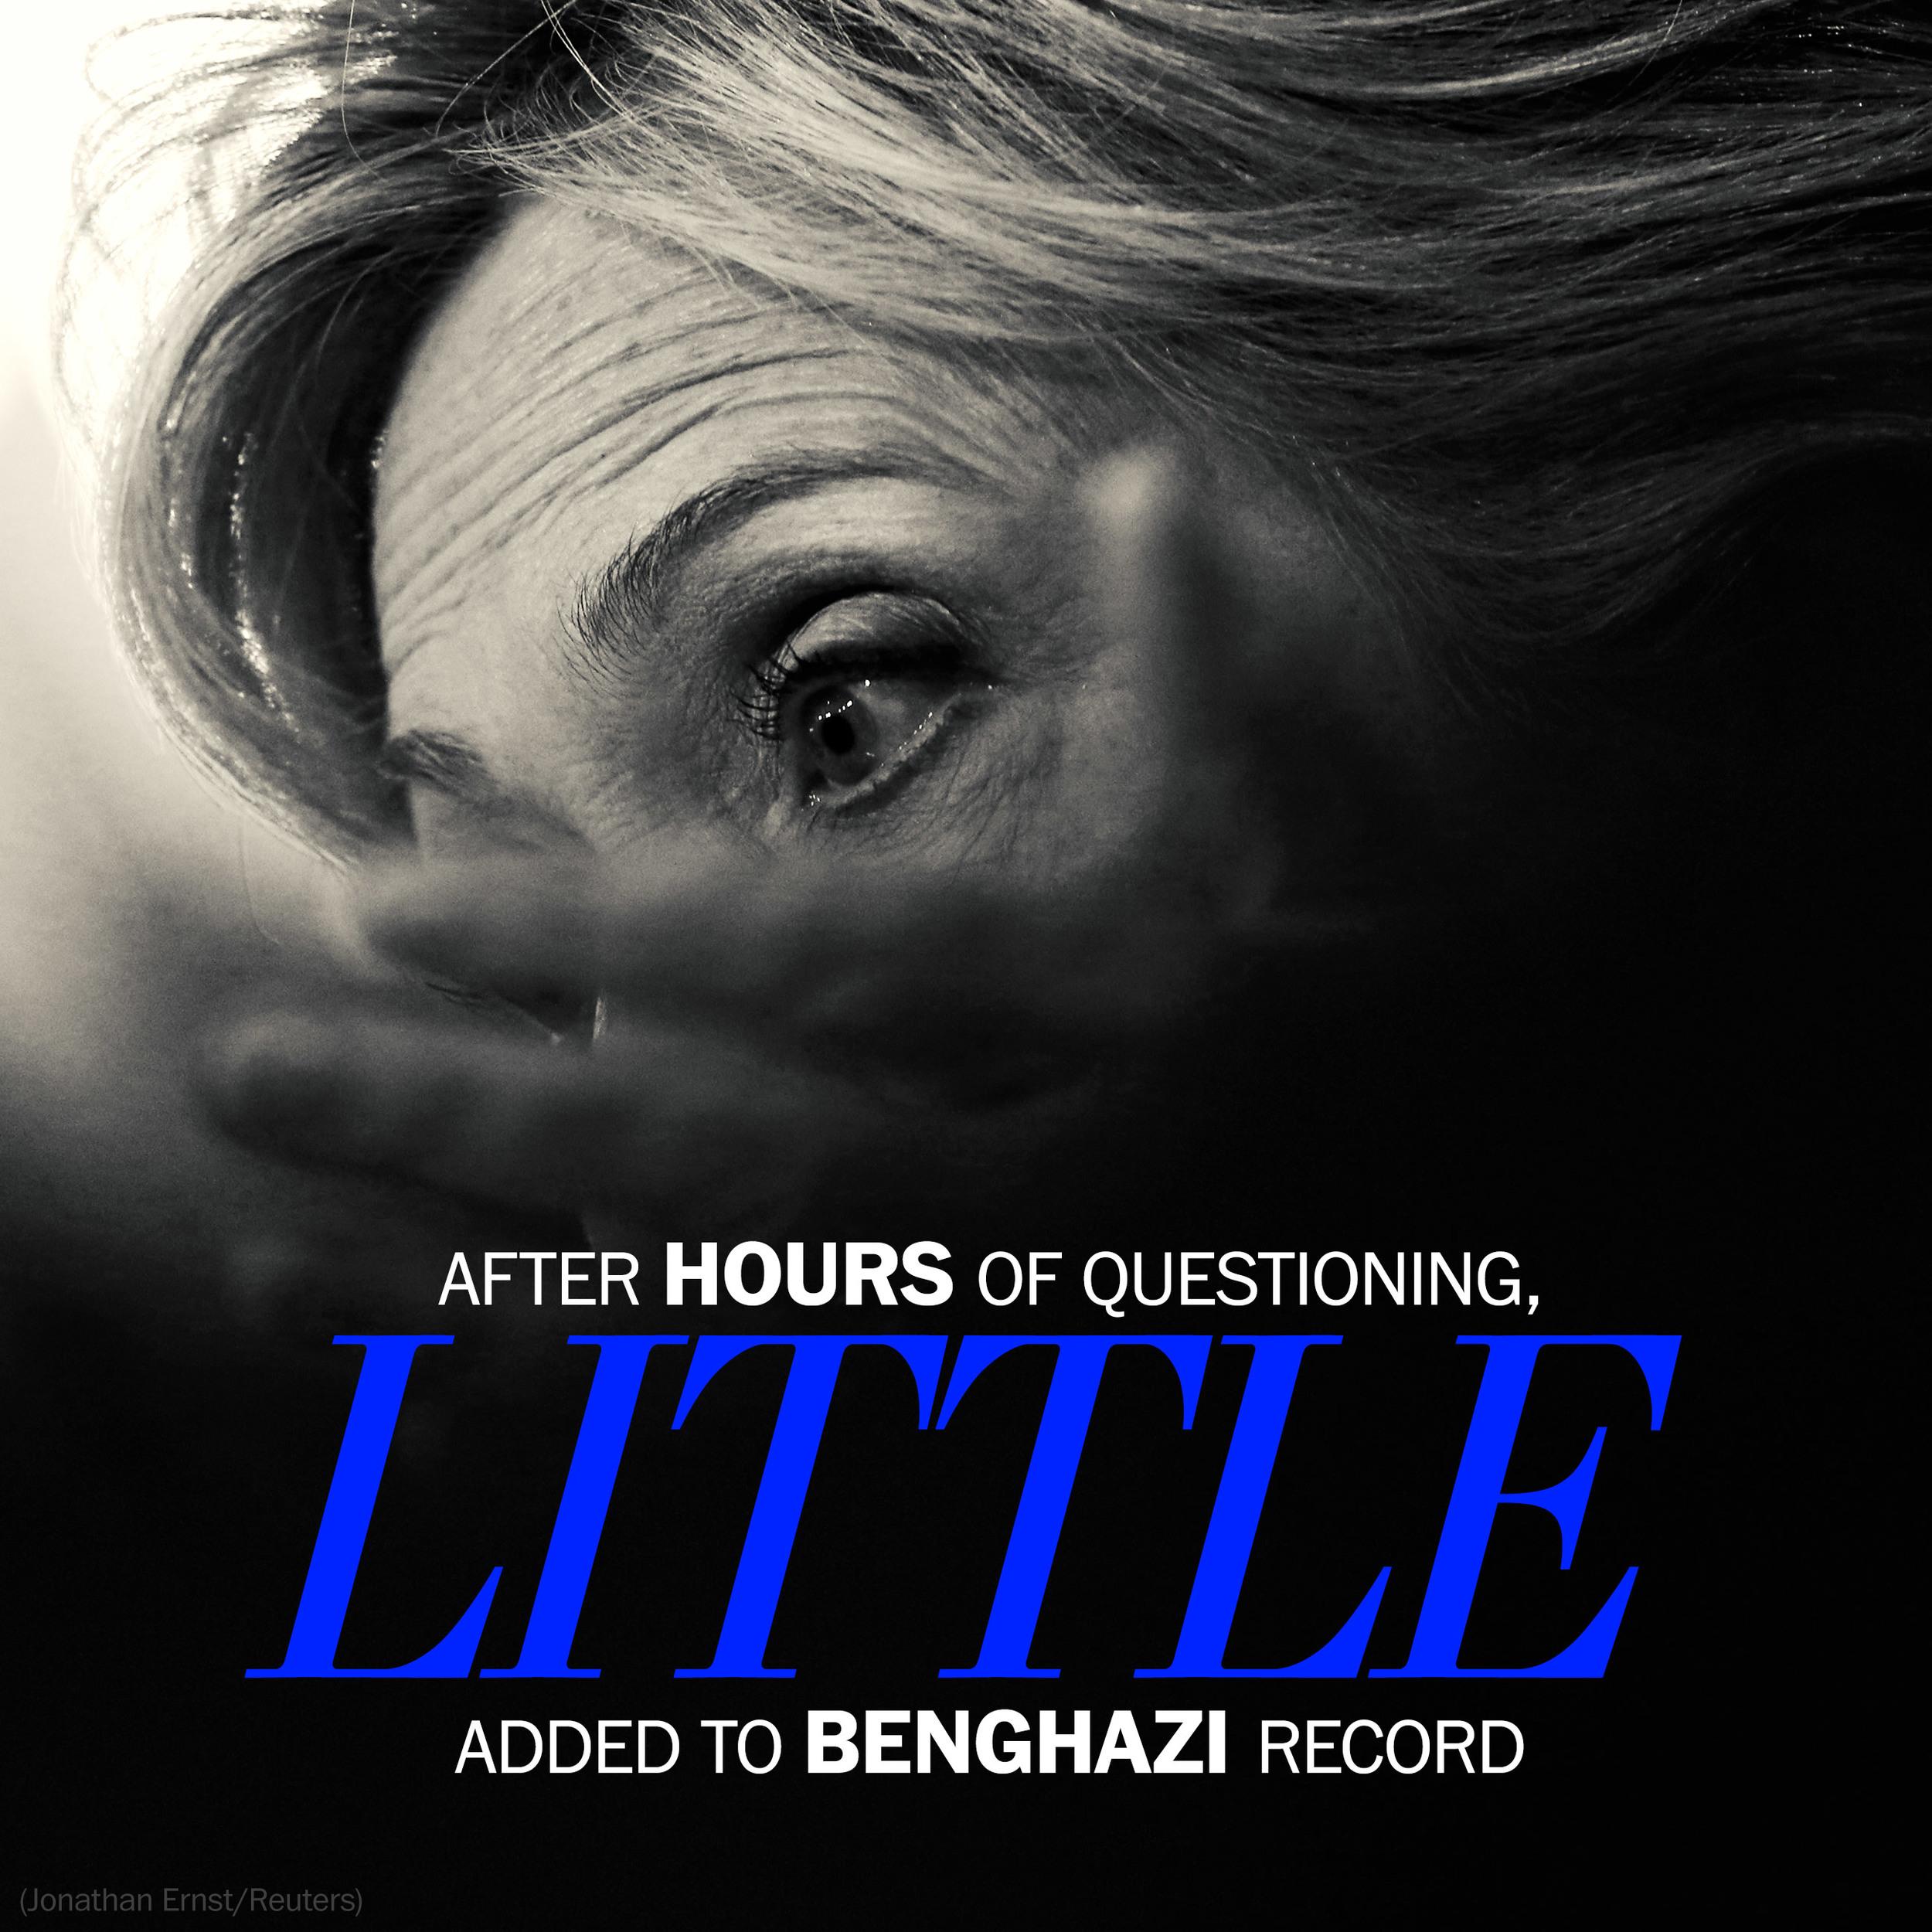 1023_Benghazi.jpg